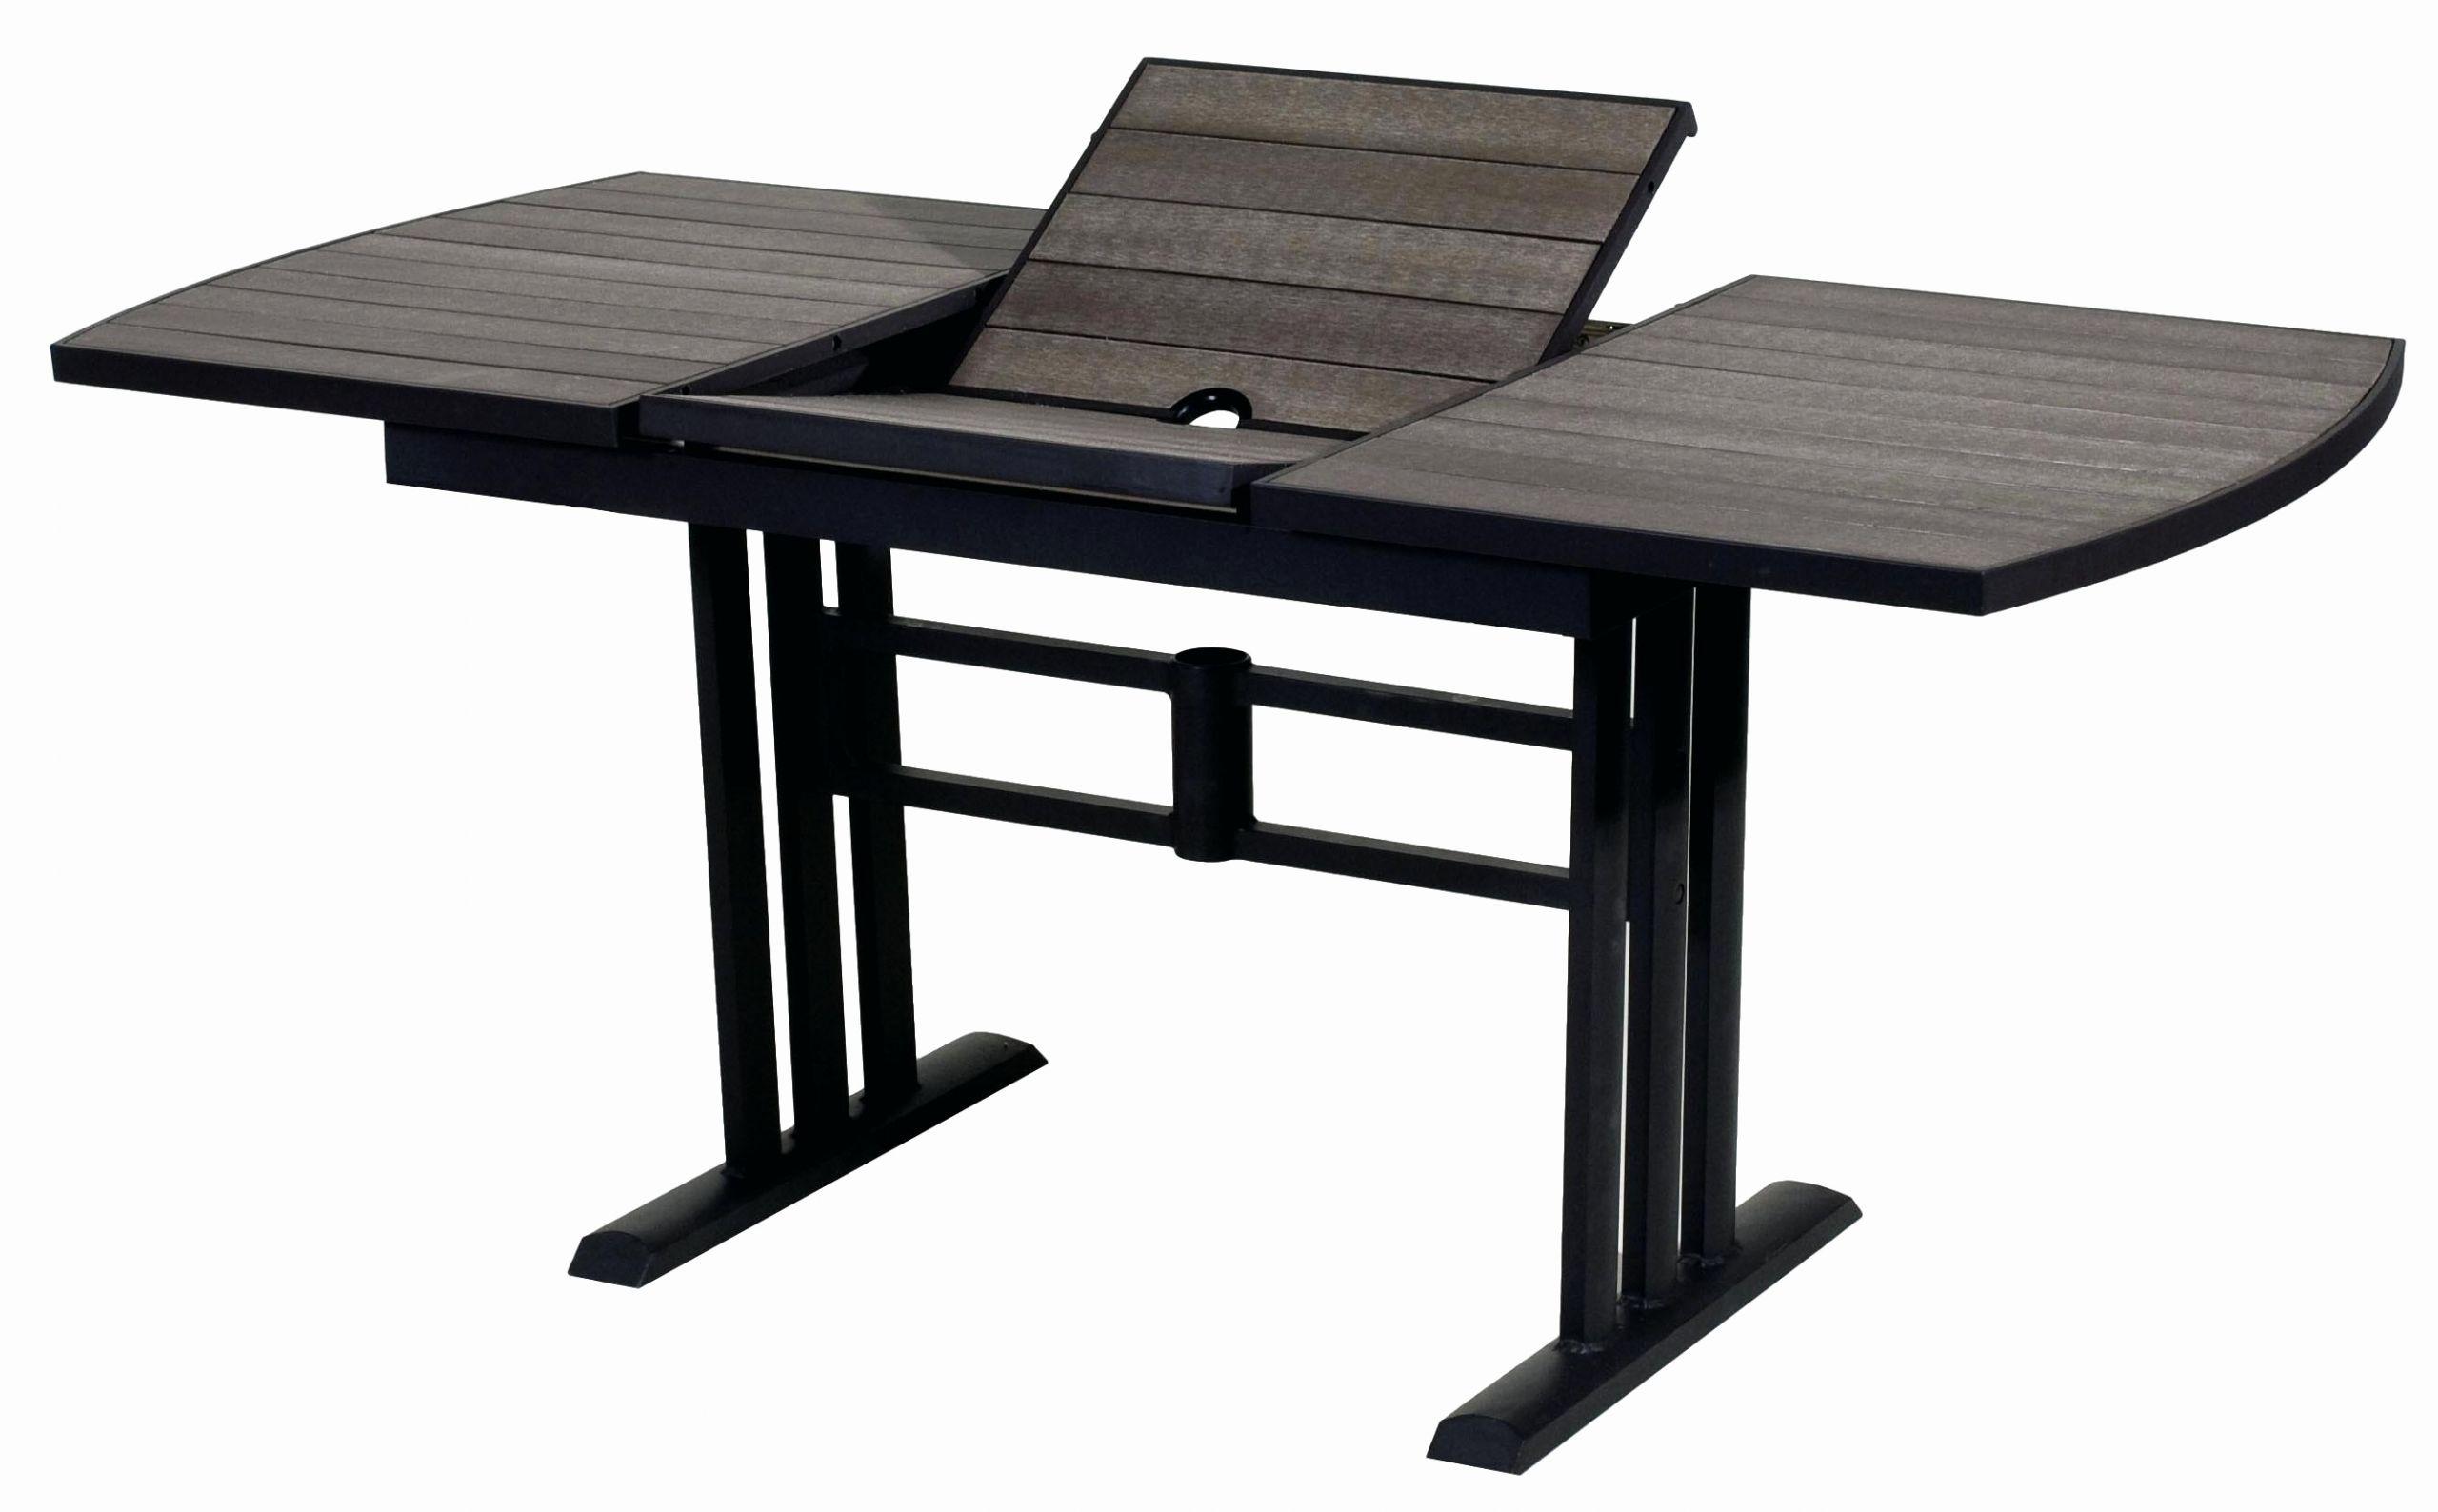 Table De Salon De Jardin Pas Cher Des Idées - Idees ... intérieur Table De Jardin Extensible Pas Cher